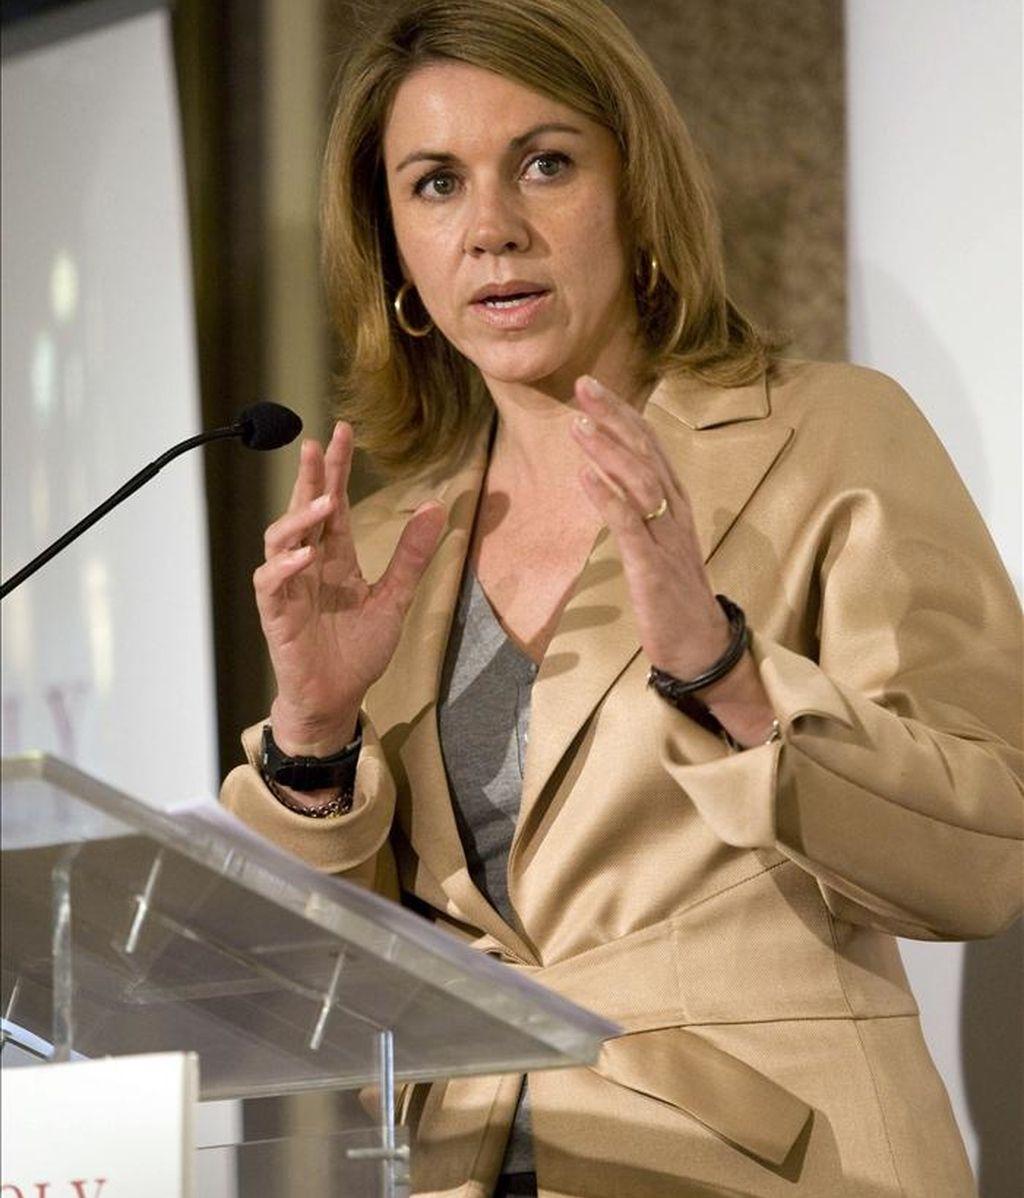 La secretaria general del PP, María Dolores de Cospedal. EFE/Archivo